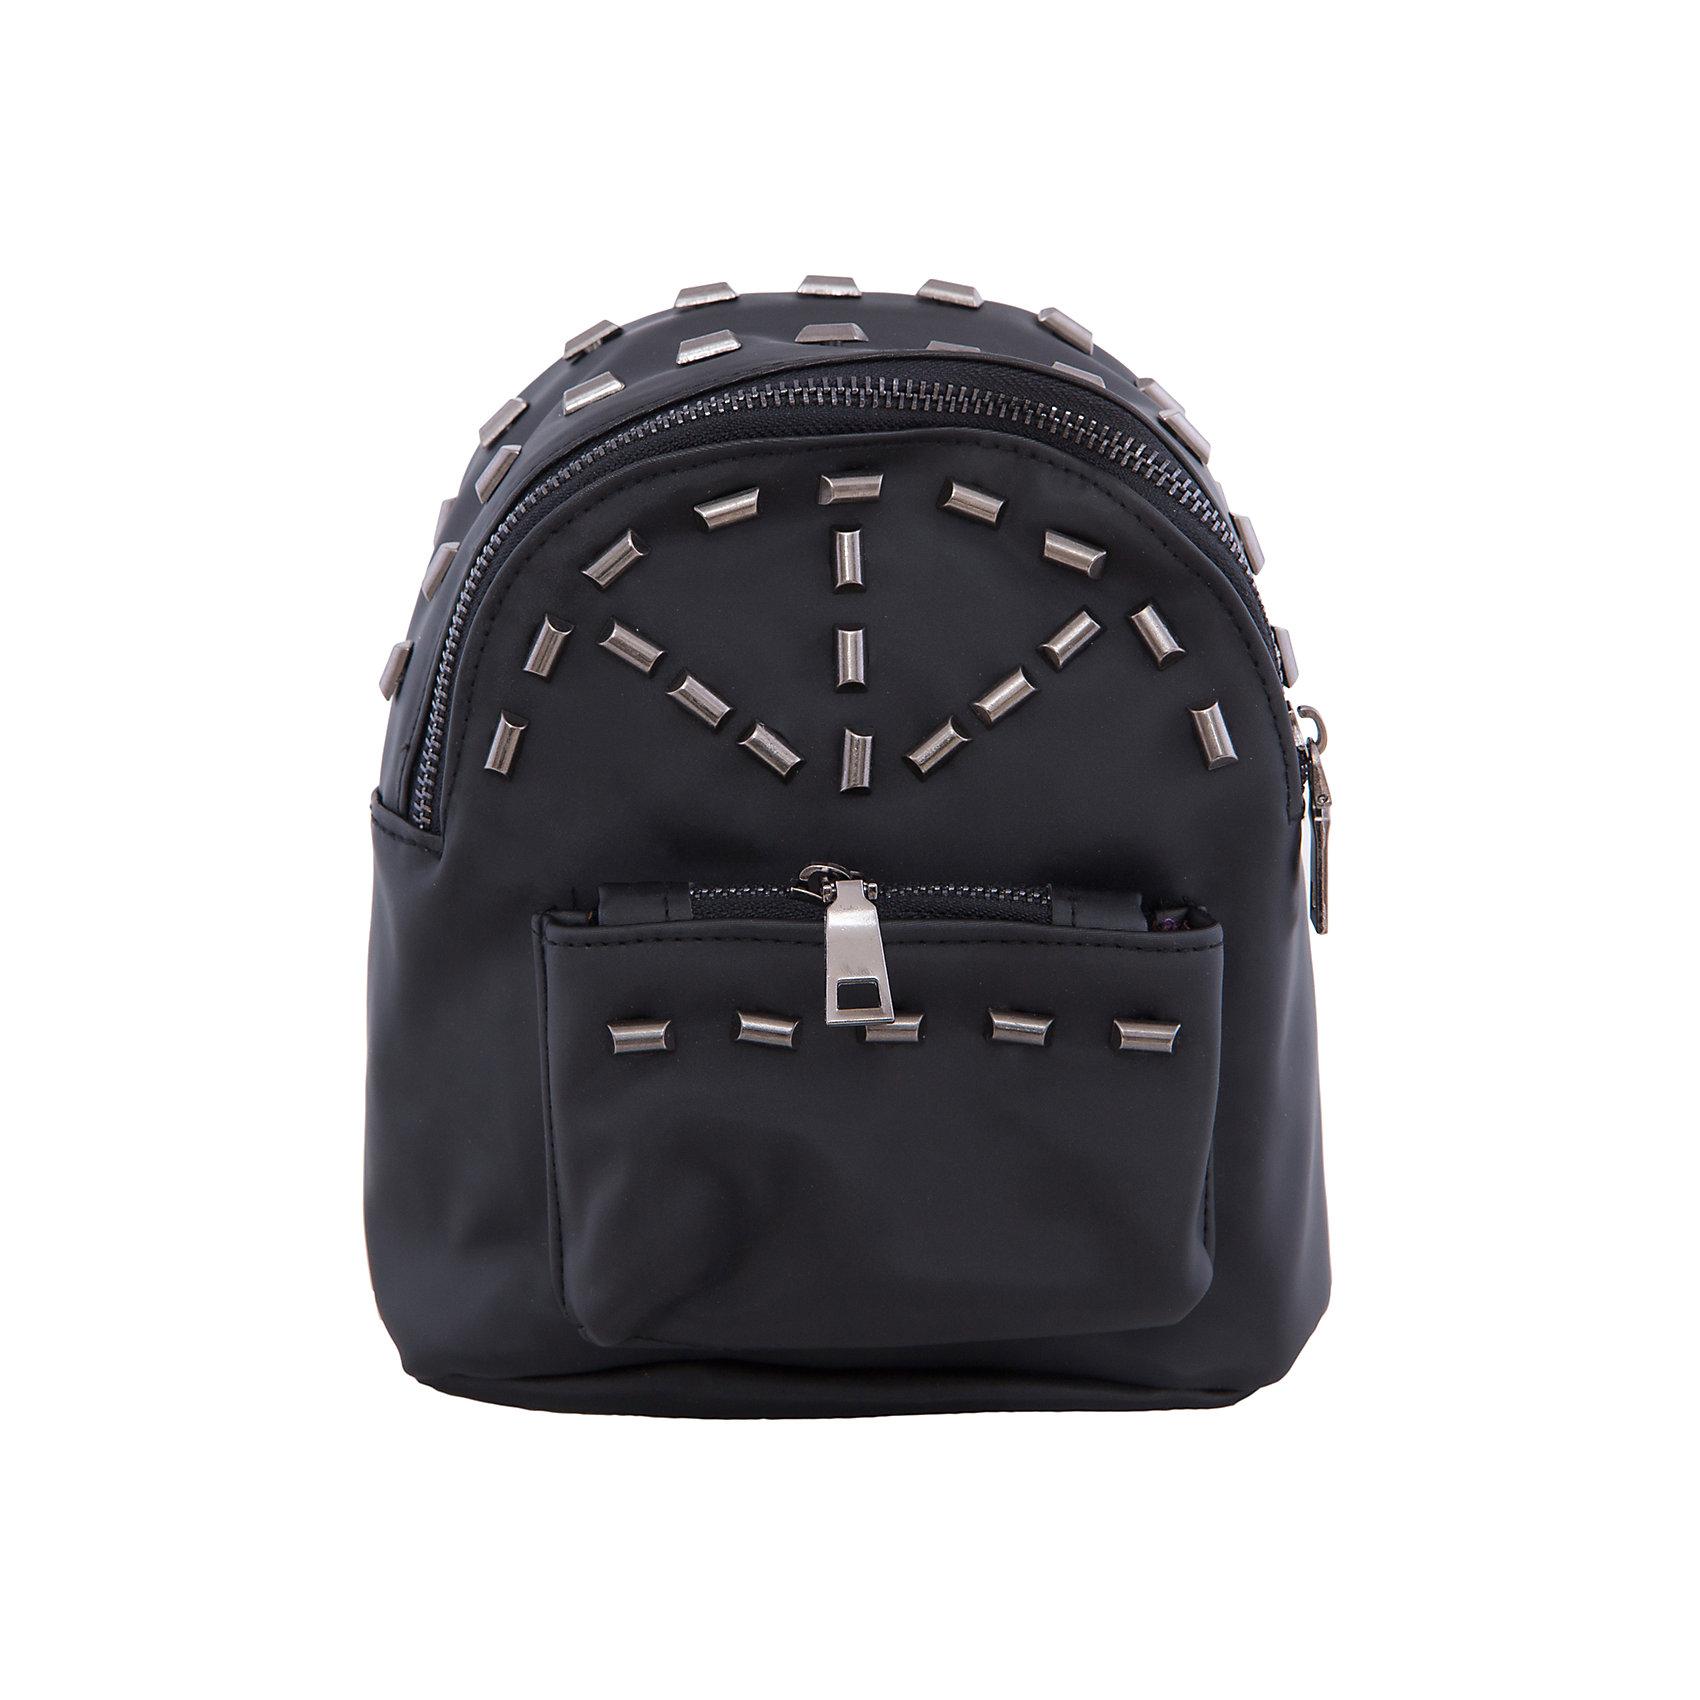 Рюкзак VITACCIАксессуары<br>Характеристики:<br><br>• Тип сумки: рюкзак<br>• Пол: универсальный<br>• Цвет: черный<br>• Сезон: круглый год<br>• Тематика рисунка: абстракция<br>• Тип застежки: молния<br>• Декоративные элементы: металлические клепки<br>• Лямки регулируются по длине<br>• Одно отделение с дополнительными кармашками<br>• Предусмотрена ручка-петля<br>• Спереди имеется объемный карман на молнии<br>• Материал: верх – искусственная кожа, подклад – текстиль <br>• Габариты: ширина днища – 17 см, высота – 21 см, глубина – 10 см<br>• Вес: 900 г<br>• Особенности ухода: влажная чистка, сухая чистка<br><br>Рюкзак VITACCI от лидера российско-итальянского предприятия, которое специализируется на выпуске высококачественной обуви и аксессуаров как для взрослых, так и для детей. Детские сумки этого торгового бренда изготавливаются с учетом анатомических особенностей детей и имеют эргономичную форму. Форма и дизайн сумок разрабатывается итальянскими ведущими дизайнерами и отражает новейшие тенденции в мире моды. Особенность этого торгового бренда заключается в эксклюзивном сочетании материалов разных фактур и декорирование изделий стильными аксессуарами. <br><br>Рюкзак VITACCI изготовлен из экологически безопасной искусственной кожи. Имеет одно просторное отделение с маленькими кармашками: один с замочком на молнии, второй – для сотового телефона или смартфона. Спереди у рюкзака предусмотрен внешний карман-отделение на застежке молнии и двойные боковые карманы. Лямки регулируются по длине. Рюкзак выполнен в стильном черном цвете, декорирован металлическими клепками в форме цилиндров.<br>Рюкзак VITACCI – это стильный аксессуар, который создаст неповторимый образ вашего ребенка! <br><br>Рюкзак VITACCI можно купить в нашем интернет-магазине.<br><br>Ширина мм: 170<br>Глубина мм: 157<br>Высота мм: 67<br>Вес г: 117<br>Цвет: черный<br>Возраст от месяцев: 36<br>Возраст до месяцев: 144<br>Пол: Женский<br>Возраст: Детский<br>Размер: one size<br>SKU: 5347479